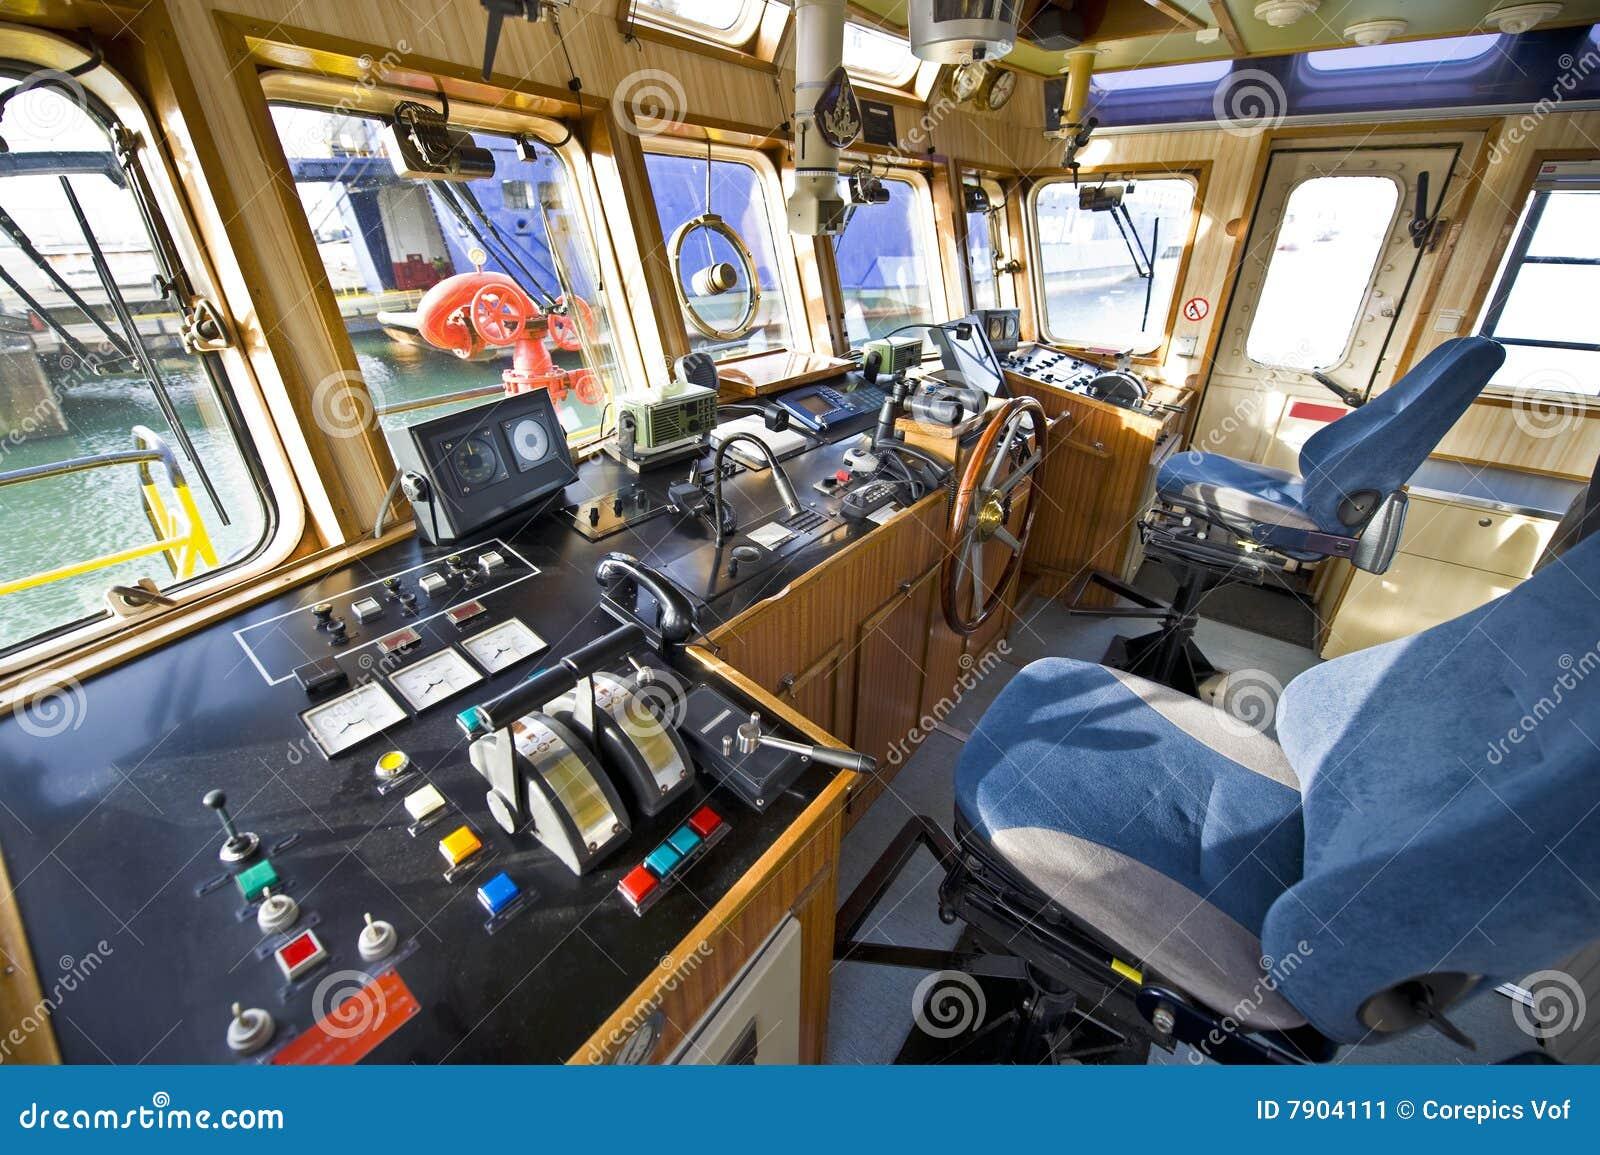 das radhaus eines feuerbootes stockbild bild von st hle marine 7904111. Black Bedroom Furniture Sets. Home Design Ideas